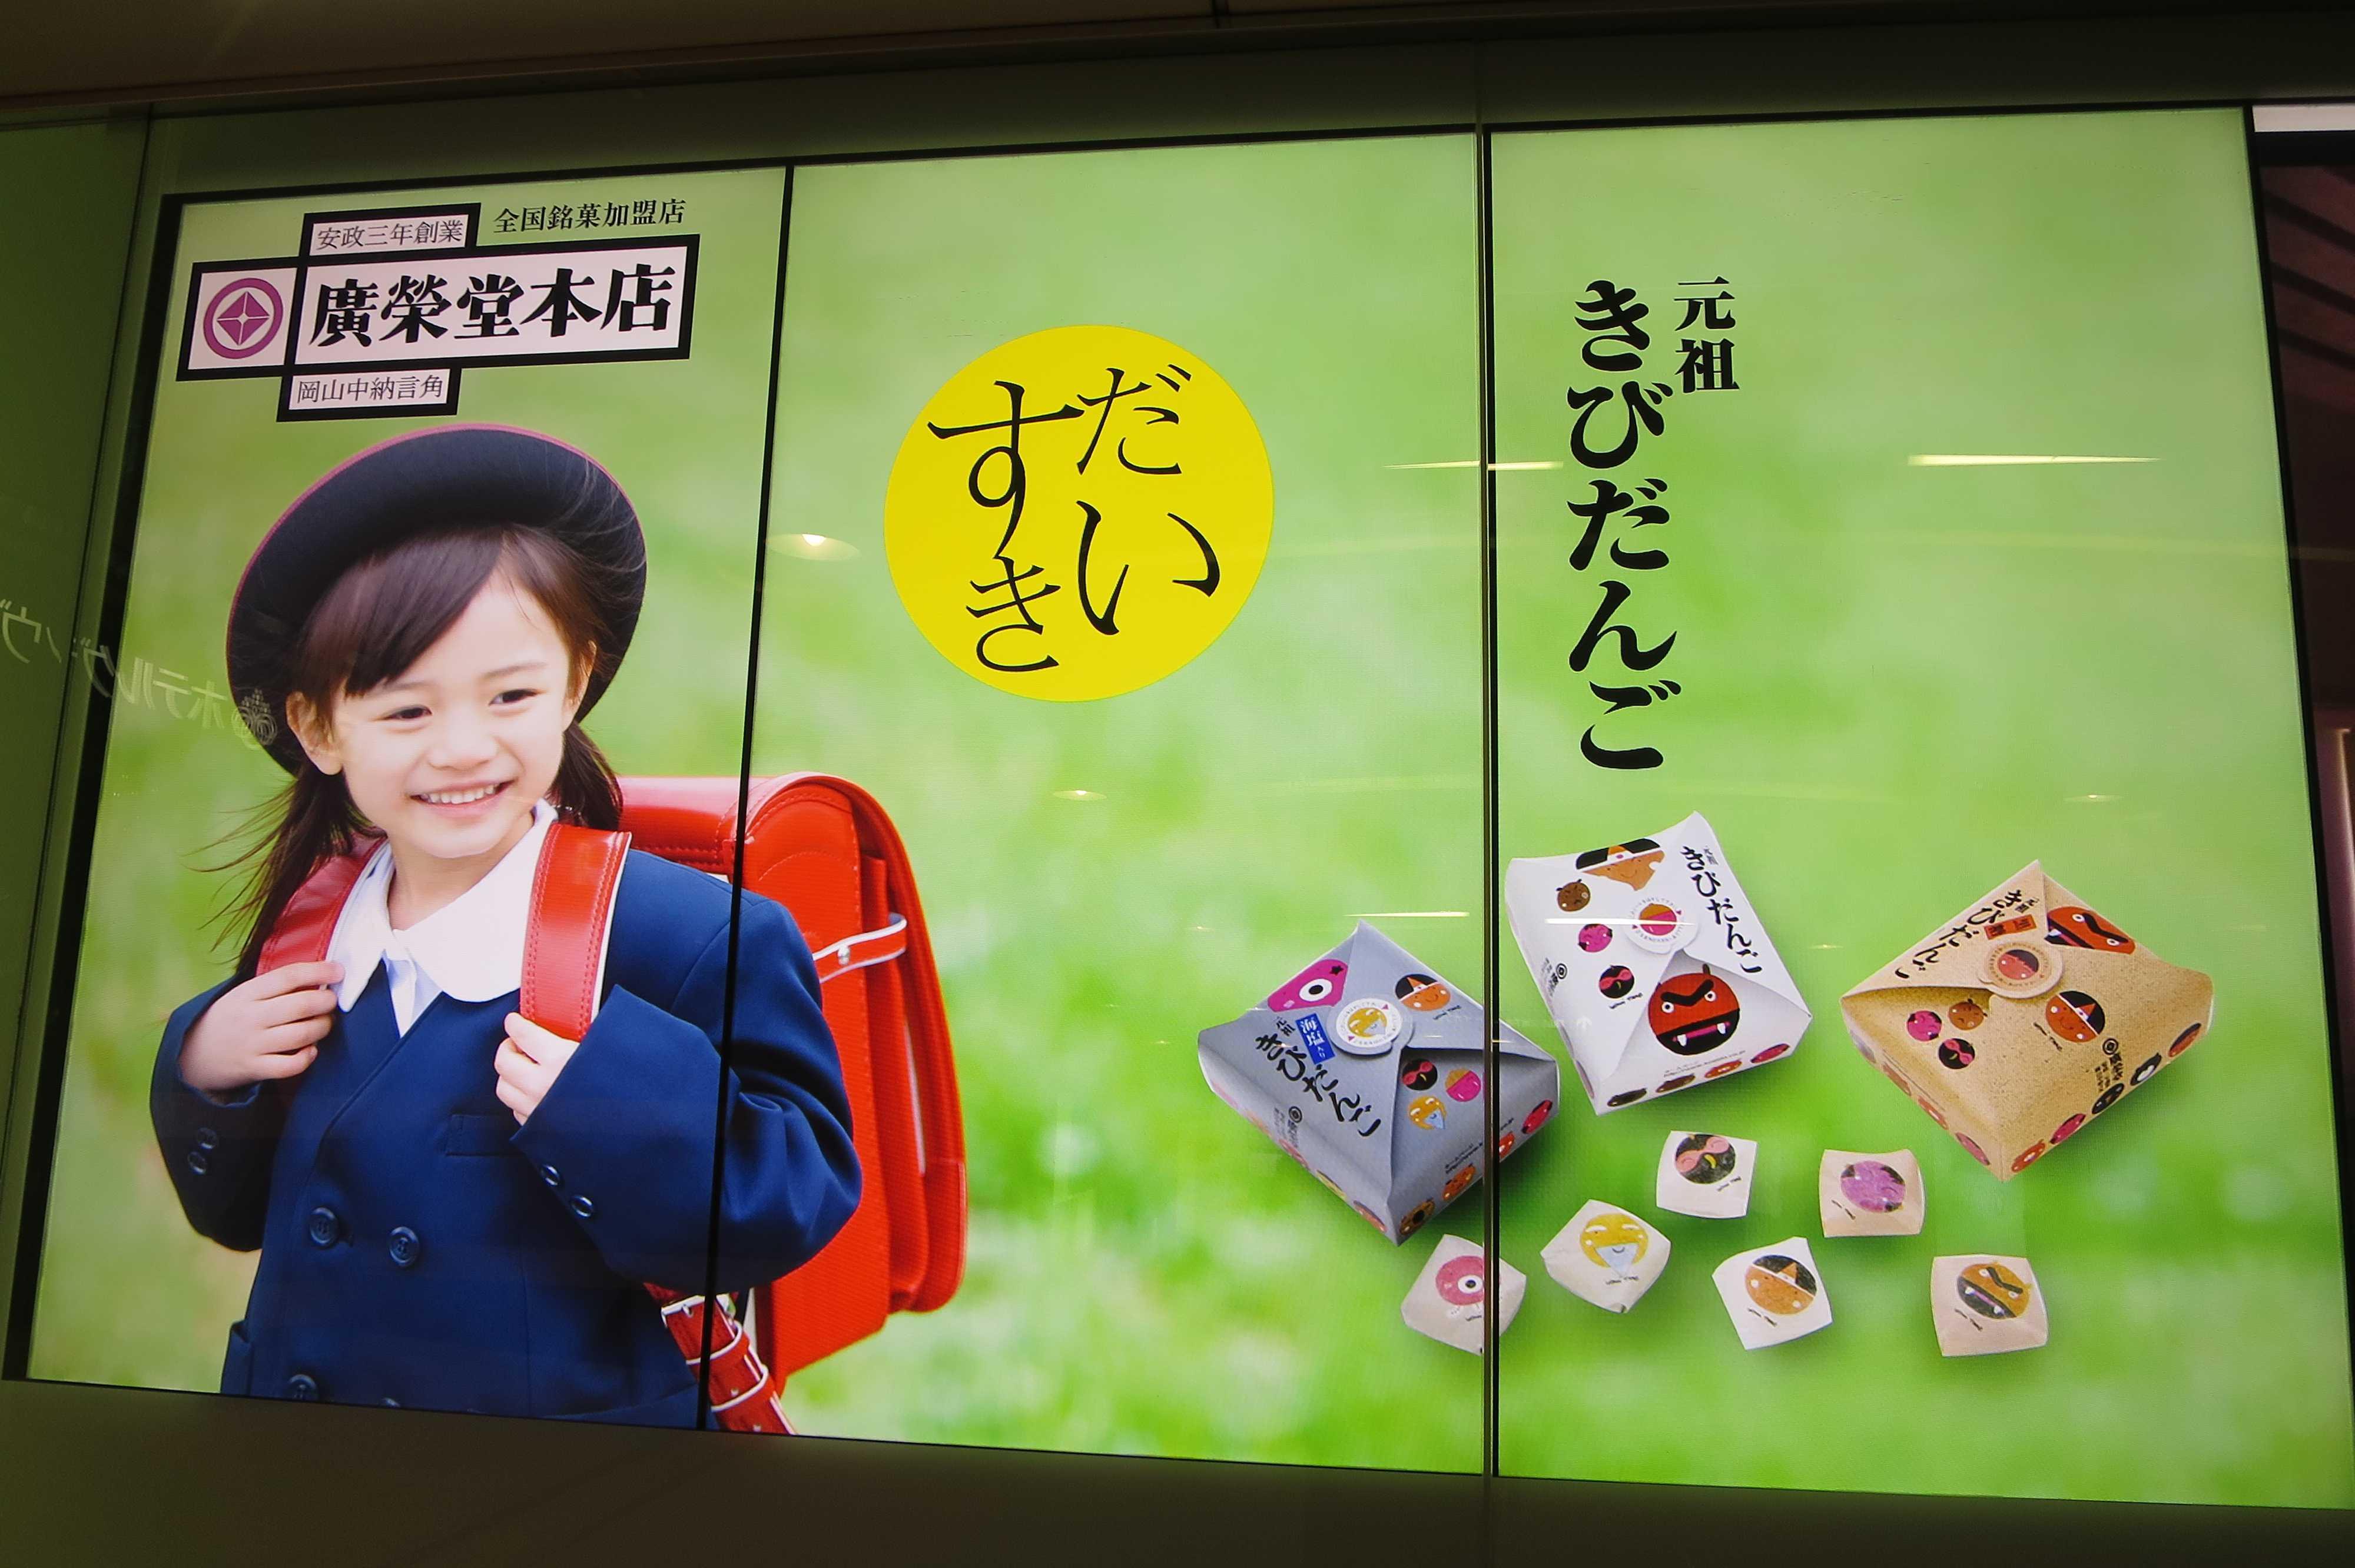 元祖きびだんご「廣榮堂本店」の電子広告